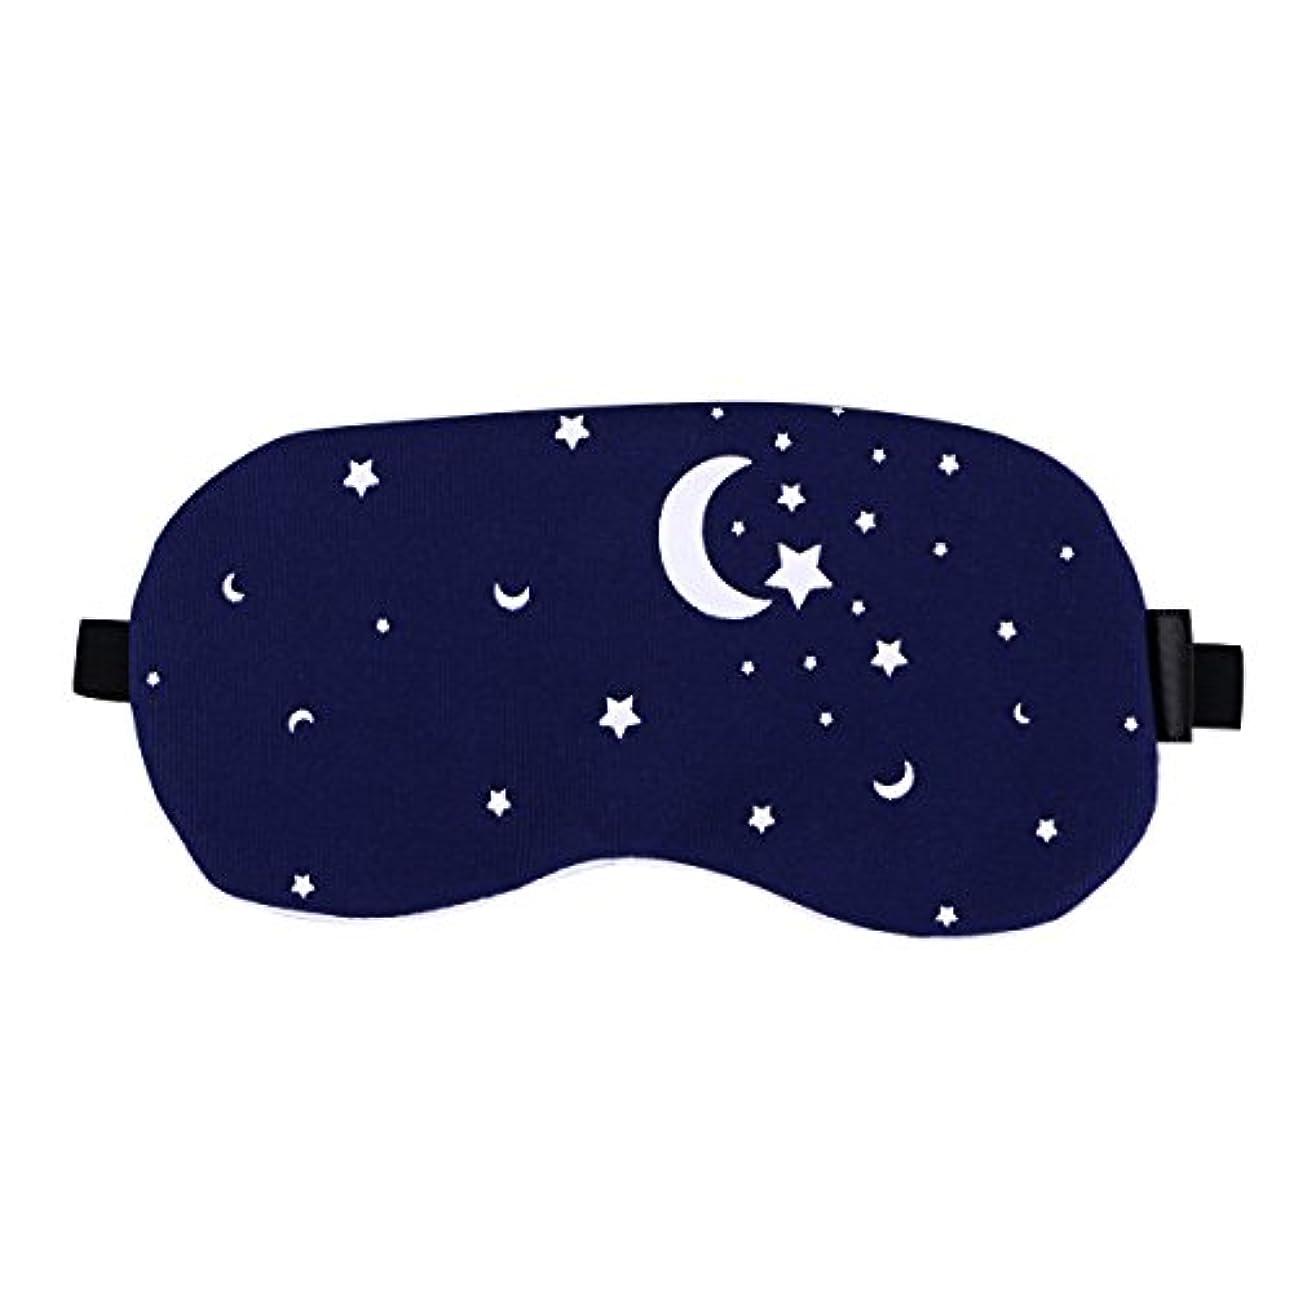 せっかち偽物監査Healifty 男性と女性のための夜の眠りの目のマスクの綿とリネンの睡眠の盲目の睡眠のマスクのアイカバー調節可能なアイシェード(星空)